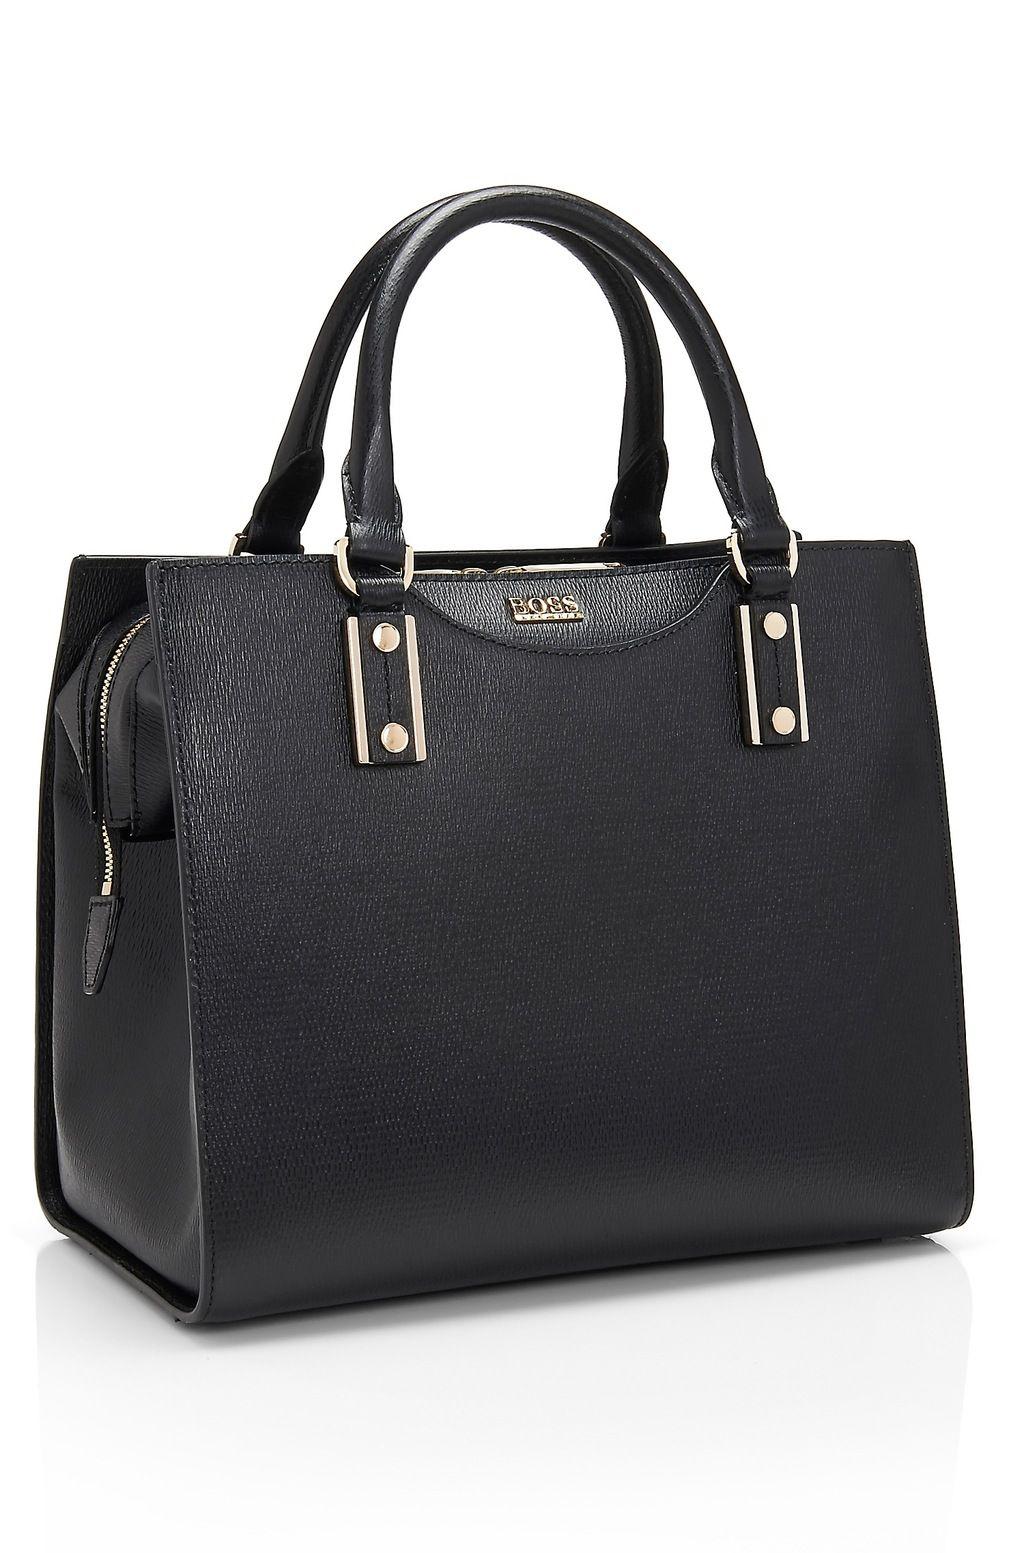 Hugo Boss Maika Textured Leather Handbag Types Of Handbags Ny